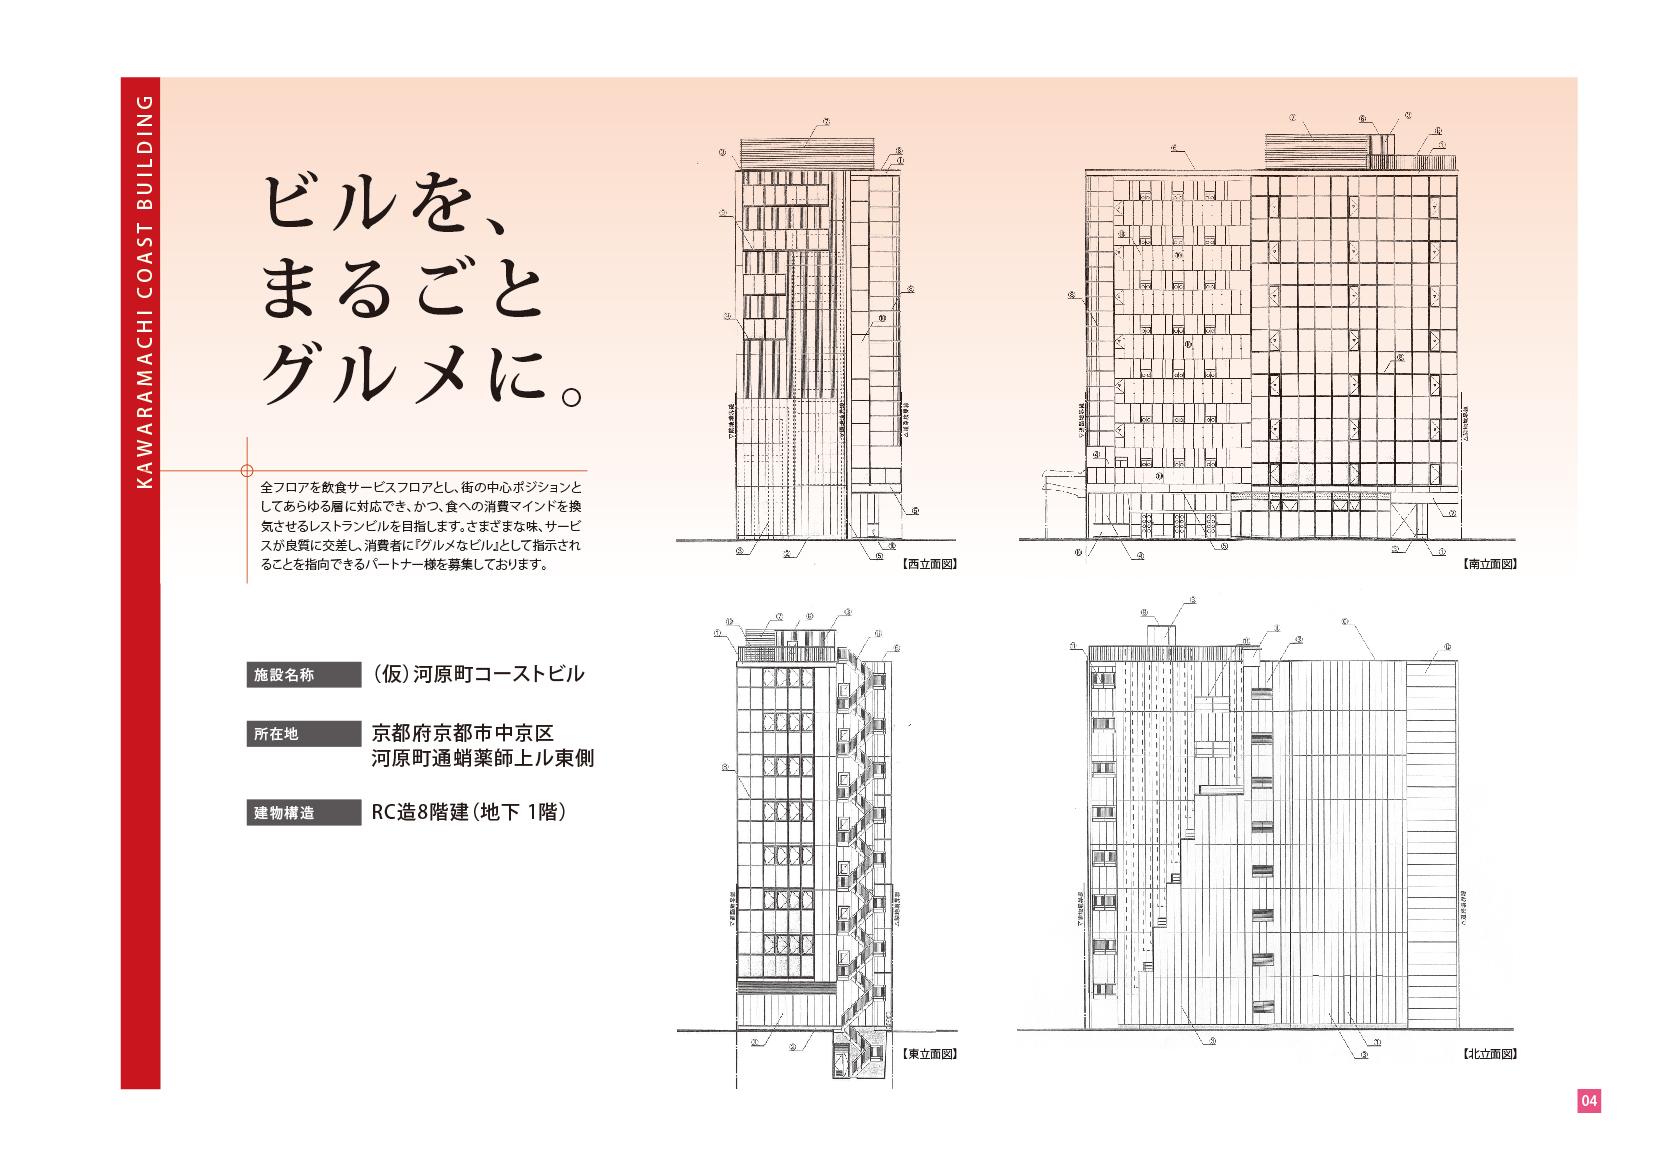 コースト京都河原町テナント募集要項 立面図